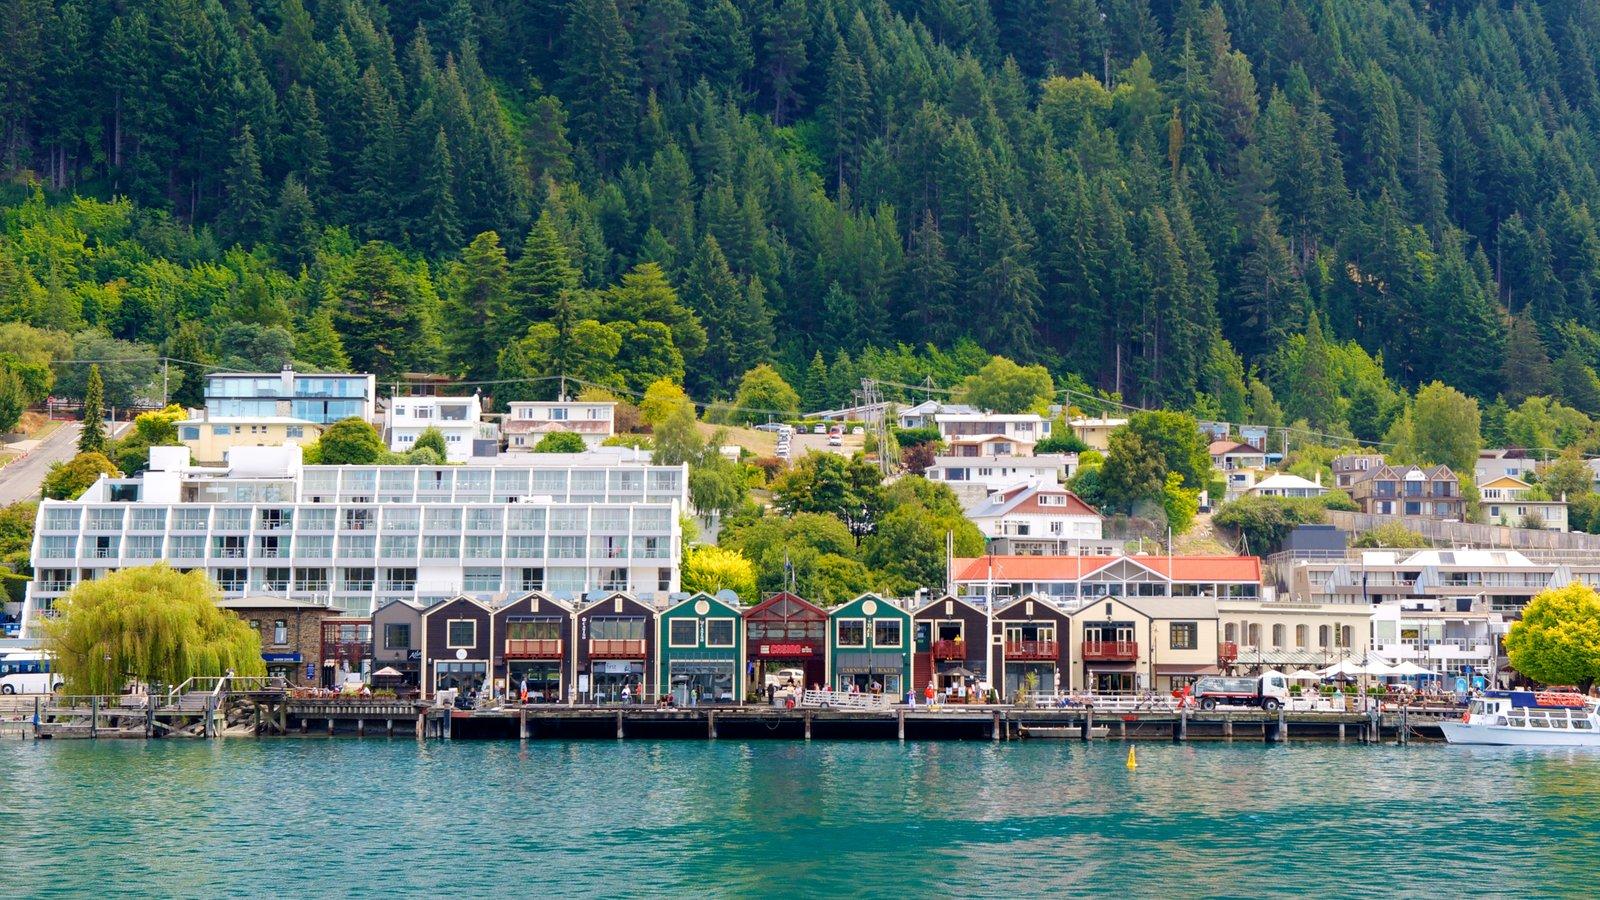 Steamer Wharf ofreciendo una bahía o puerto, una ciudad costera y bosques